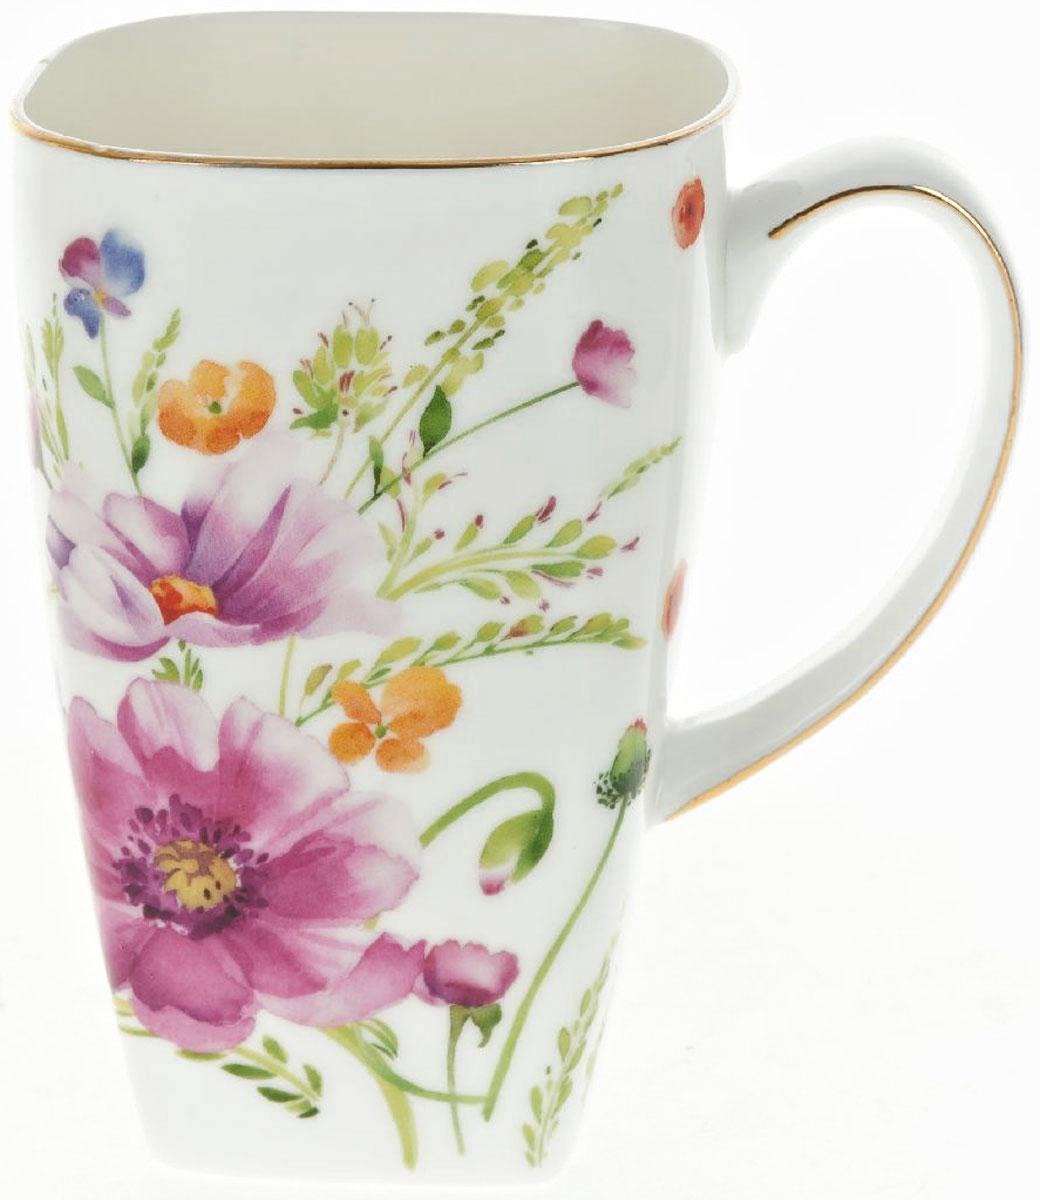 Кружка BHP Summer day, 600 мл54 009312Оригинальная кружка Best Home Porcelain, выполненная из высококачественного фарфора, сочетает в себе изысканный дизайн с максимальной функциональностью.Красочность оформления кружки придется по вкусу и ценителям классики, и тем, кто предпочитает утонченность и изысканность. В комплект входит кружка. Можно использовать в ПММ.